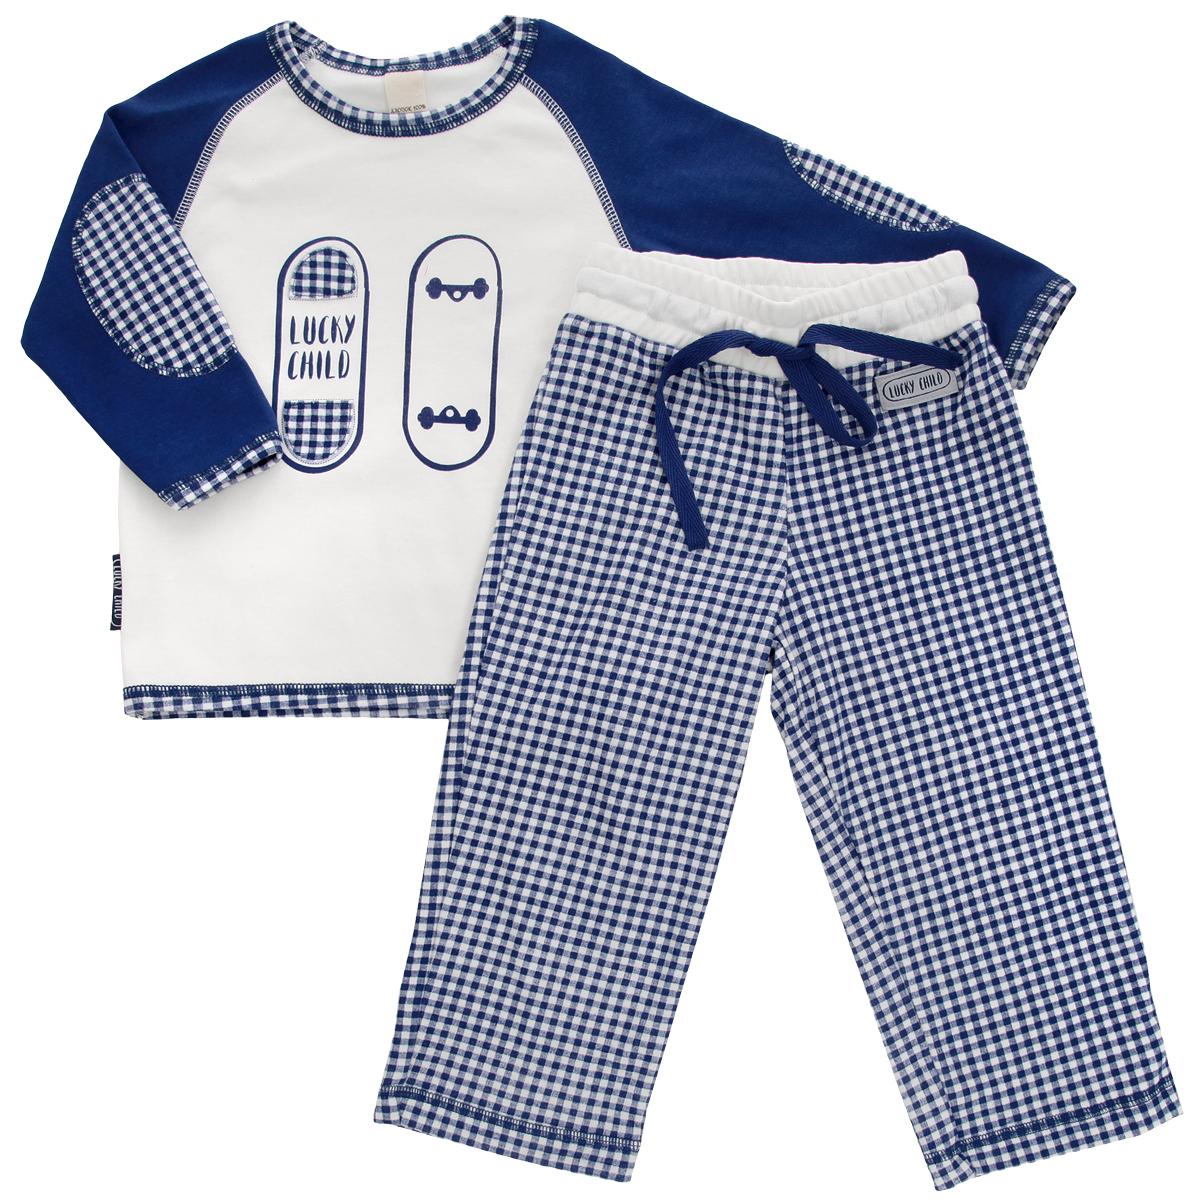 Пижама для мальчика Lucky Child, цвет: синий, молочный. 13-401. Размер 86/9213-401Очаровательная пижама для мальчика Lucky Child, состоящая из футболки с длинным рукавом и брюк, идеально подойдет вашему маленькому мужчине и станет отличным дополнением к детскому гардеробу. Изготовленная из натурального хлопка - интерлока, она необычайно мягкая и приятная на ощупь, не раздражает нежную кожу ребенка и хорошо вентилируется, а эластичные швы приятны телу и не препятствуют его движениям.Футболка с длинными рукавами-реглан и круглым вырезом горловины оформлена спереди оригинальной аппликацией и принтом с изображением скейтборда. Горловина, рукава и низ изделия оформлены принтом в клетку. Рукава украшены декоративными заплатами. Брюки на талии имеют широкий эластичный пояс со шнурком, благодаря чему они не сдавливают животик ребенка и не сползают. Оформлены брюки принтом в клетку и небольшой нашивкой с названием бренда. Такая пижама идеально подойдет вашему ребенку, а мягкие полотна позволят ему комфортно чувствовать себя во время сна!